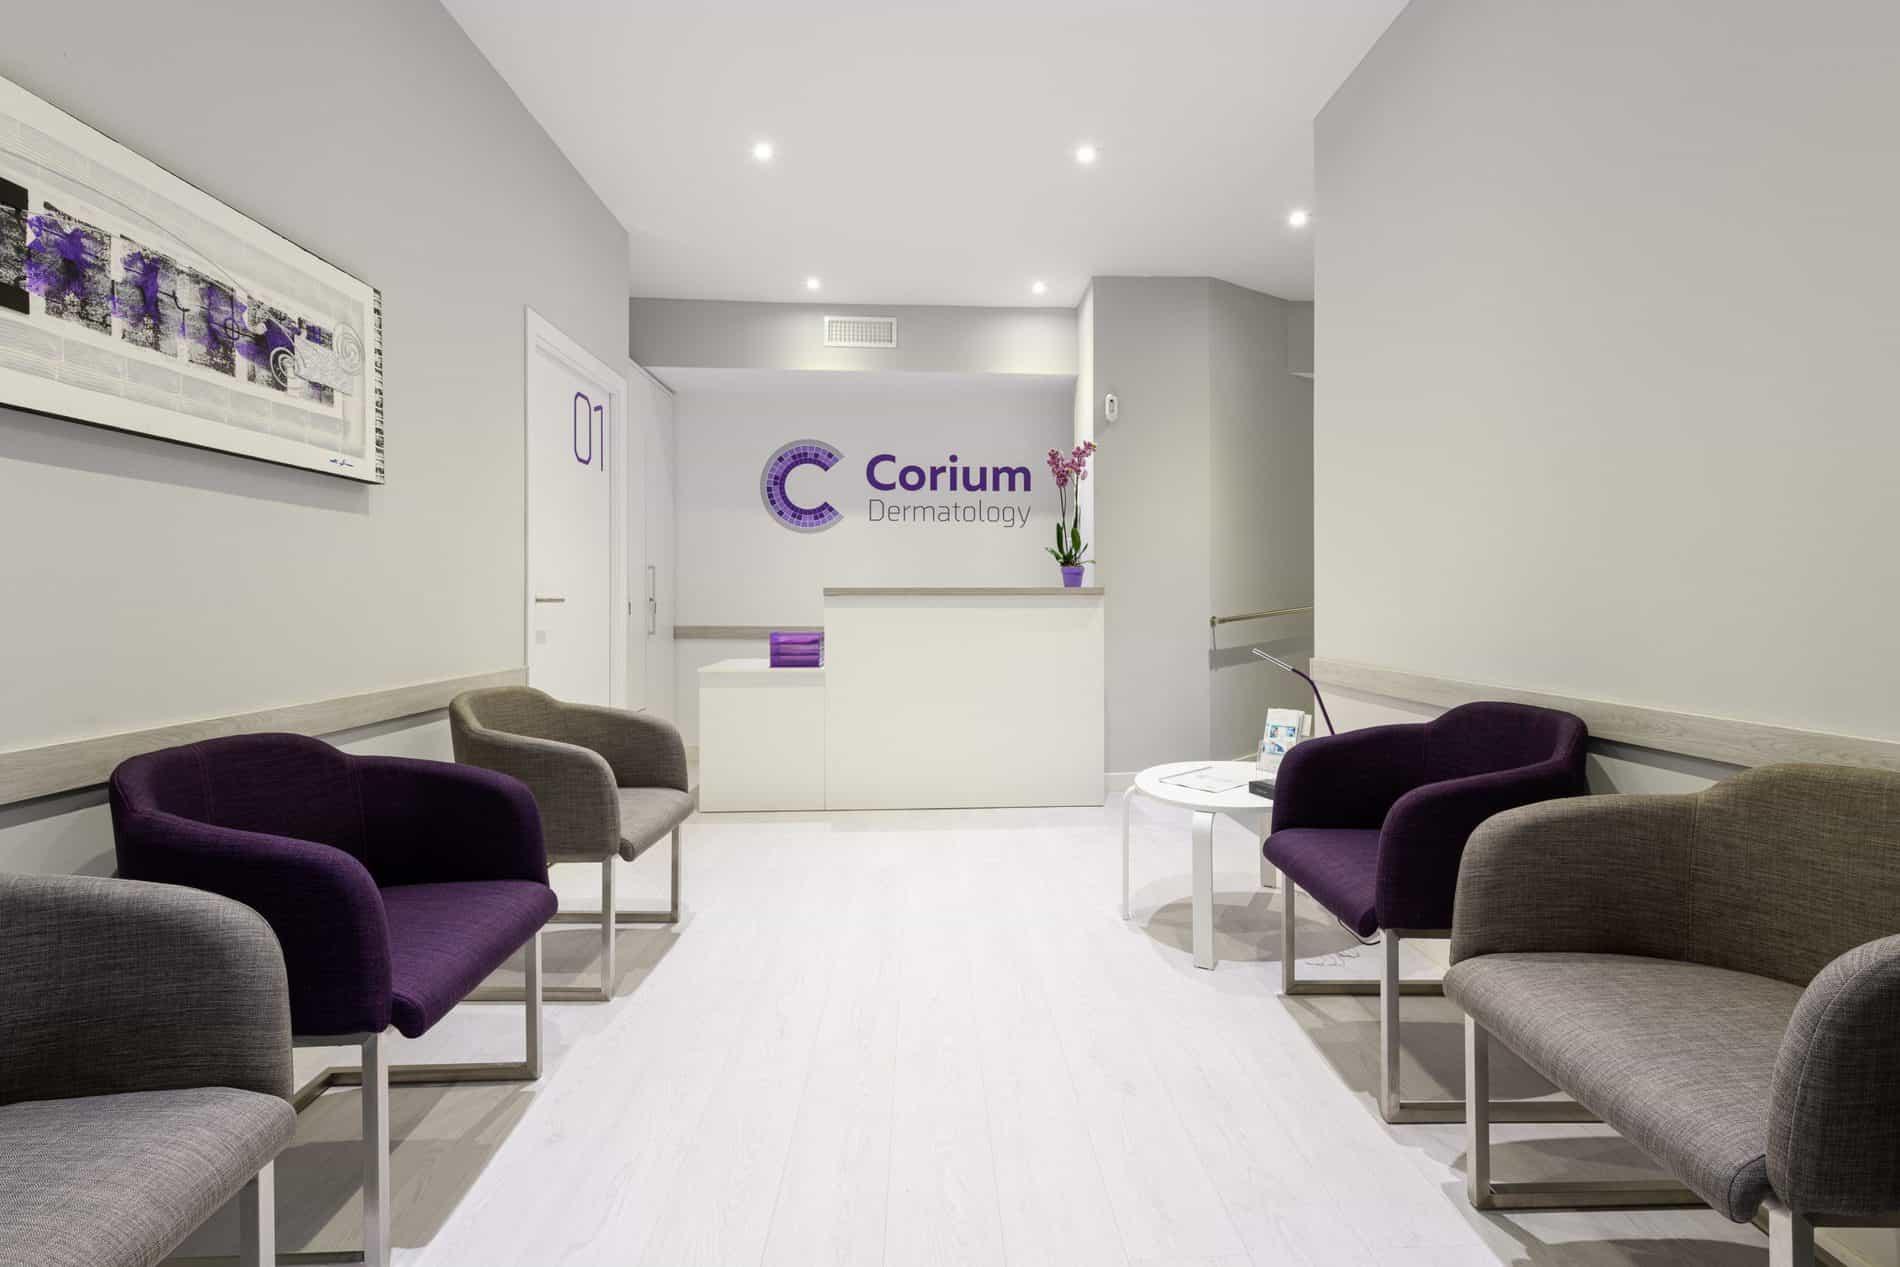 sala de espera Corium Dermatology